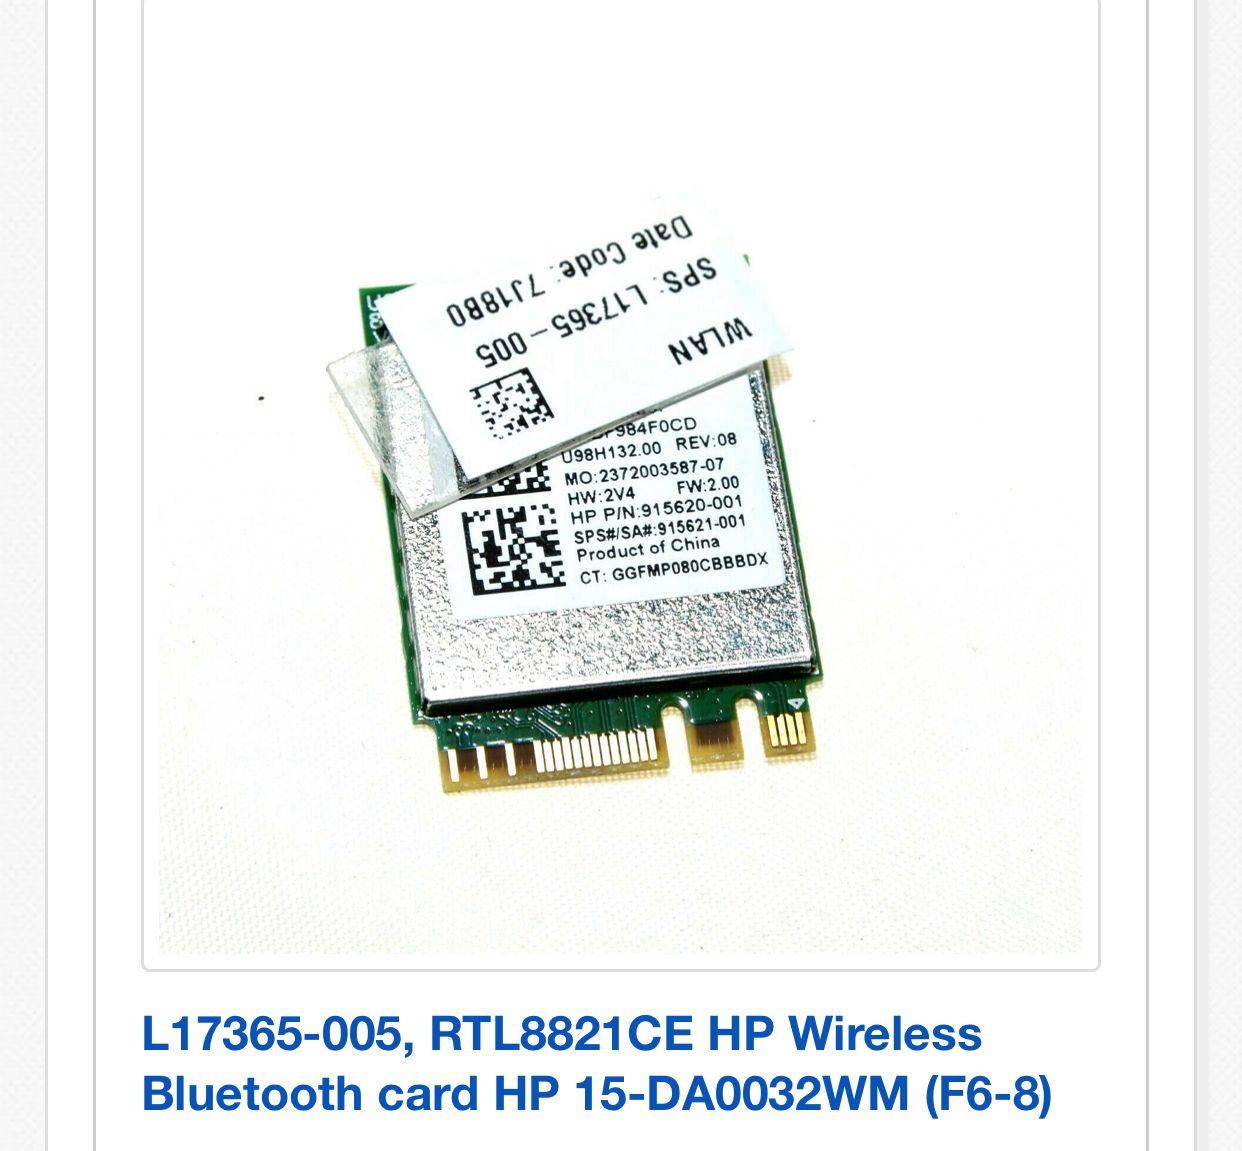 6F800FA2-1DC5-467A-A61C-13949802B702.jpeg